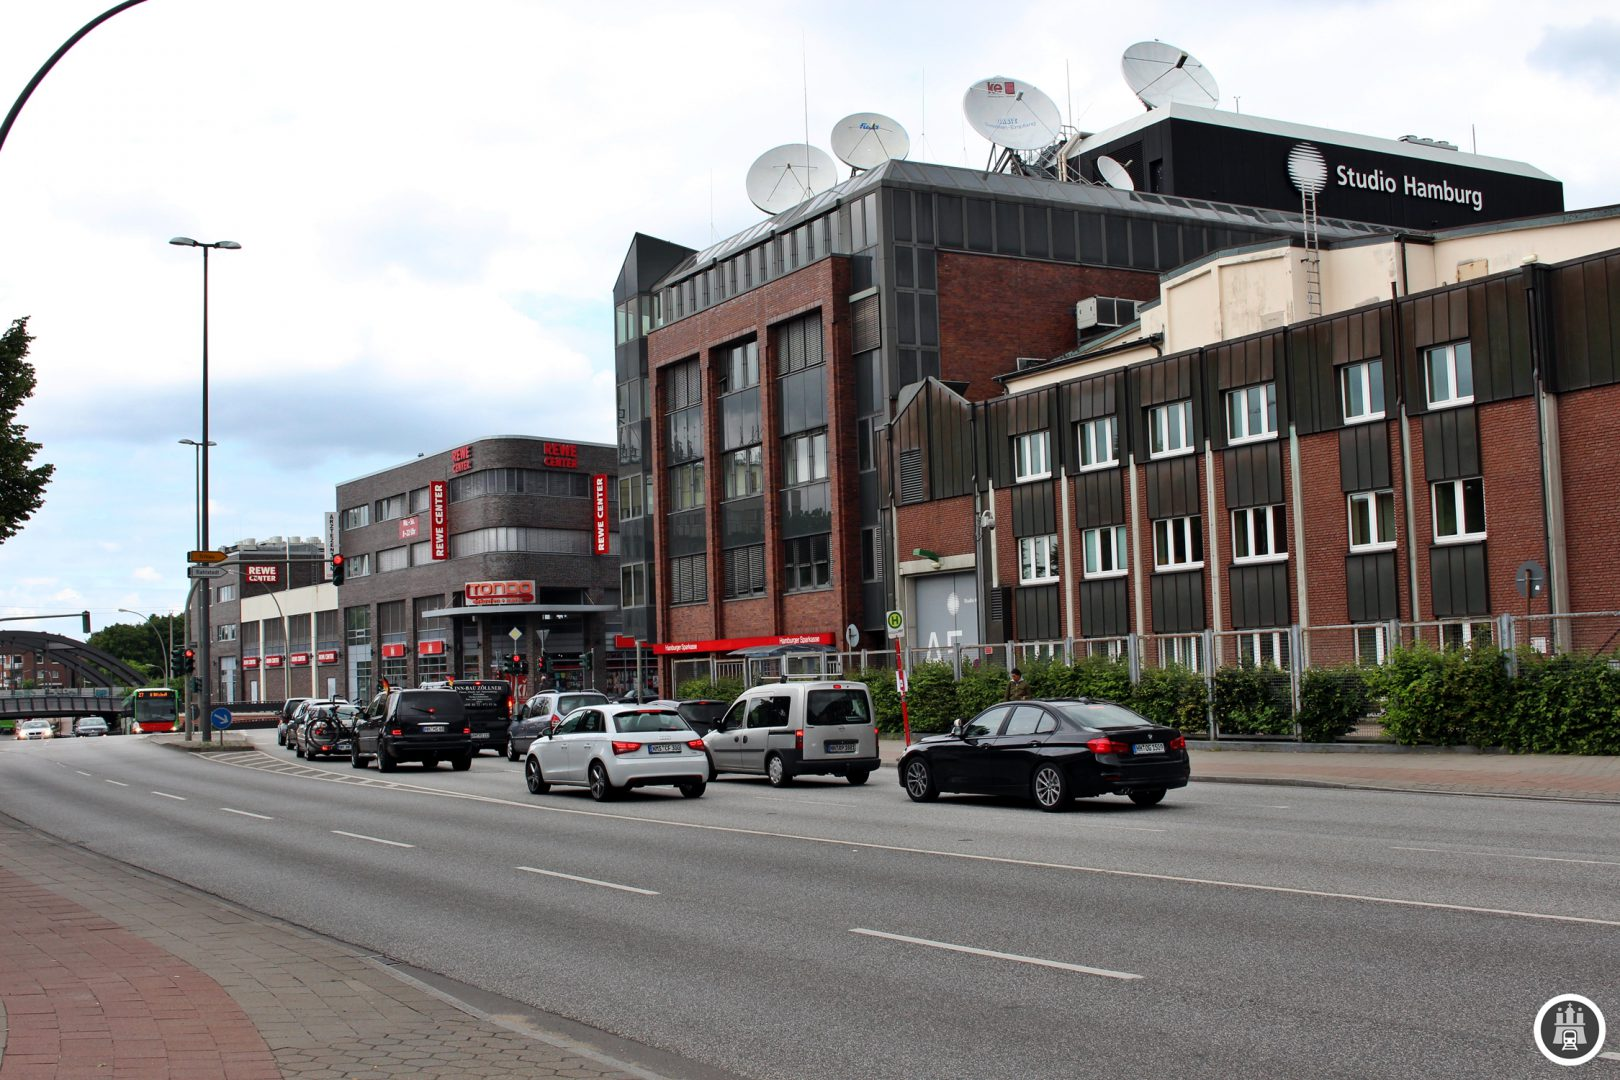 Direkt hinter dem Tonndorfer Bahnhof liegen die Gebäude des Studio Hamburg. Am Standort in Hamburg-Jenfeld werden zahlreiche Unterhaltungssendungen von NDR und dem Ersten aufgezeichnet. Das Studio Hamburg, eine 100%ige Tochter des NDR, zeichnet beispielsweise das Großsstadtrevier auf.